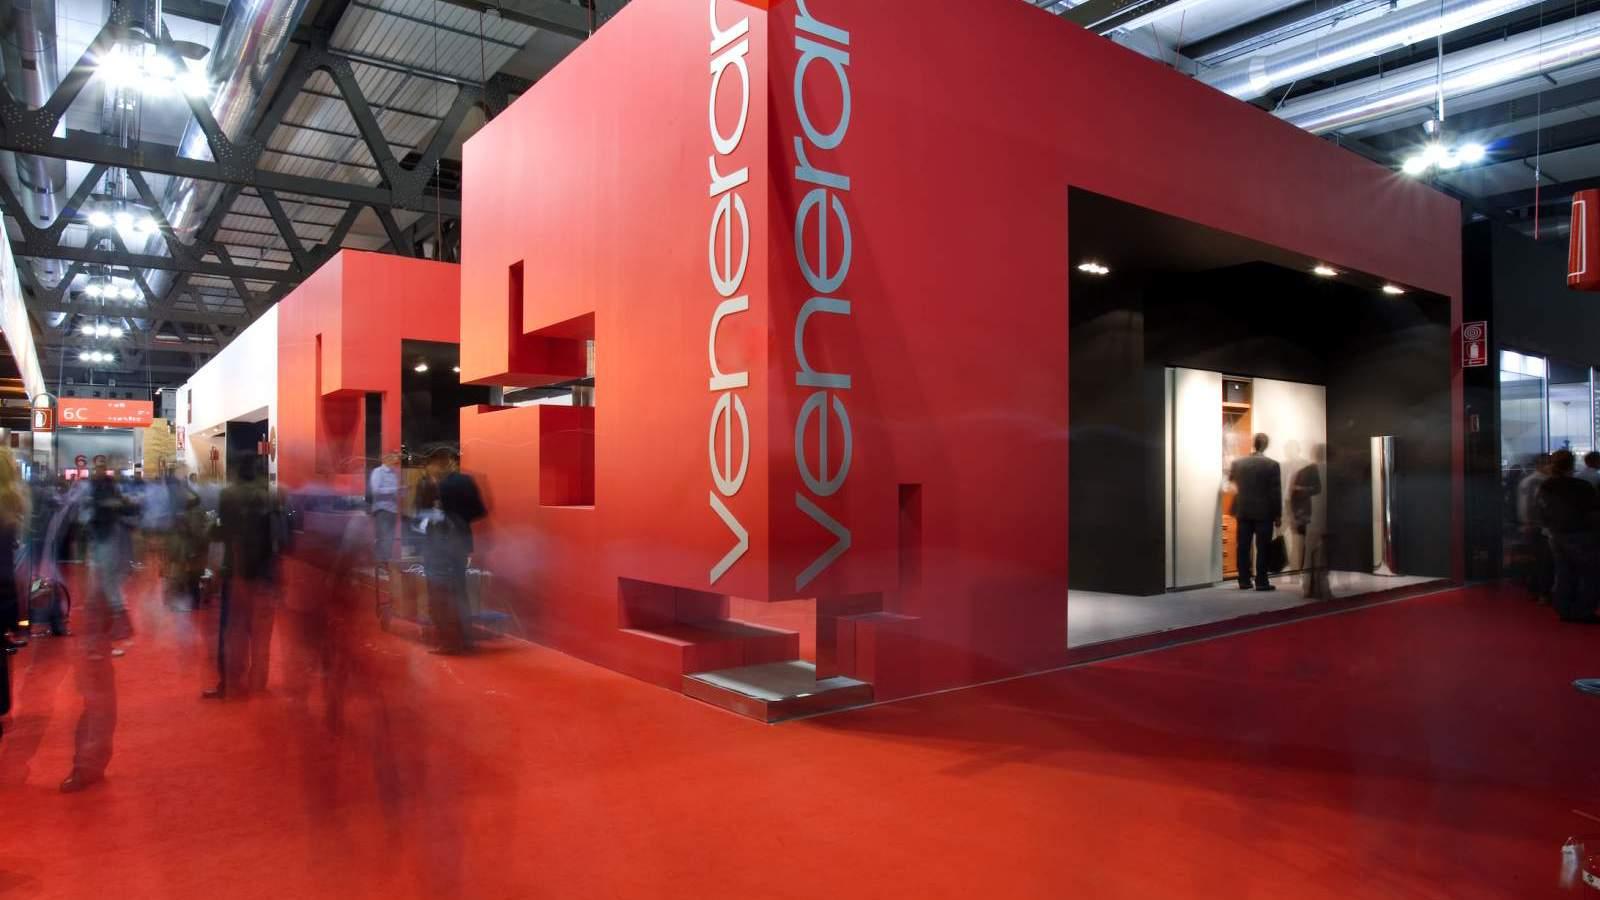 Veneran salone del mobile 2007 milano bottega for I saloni del mobile milano